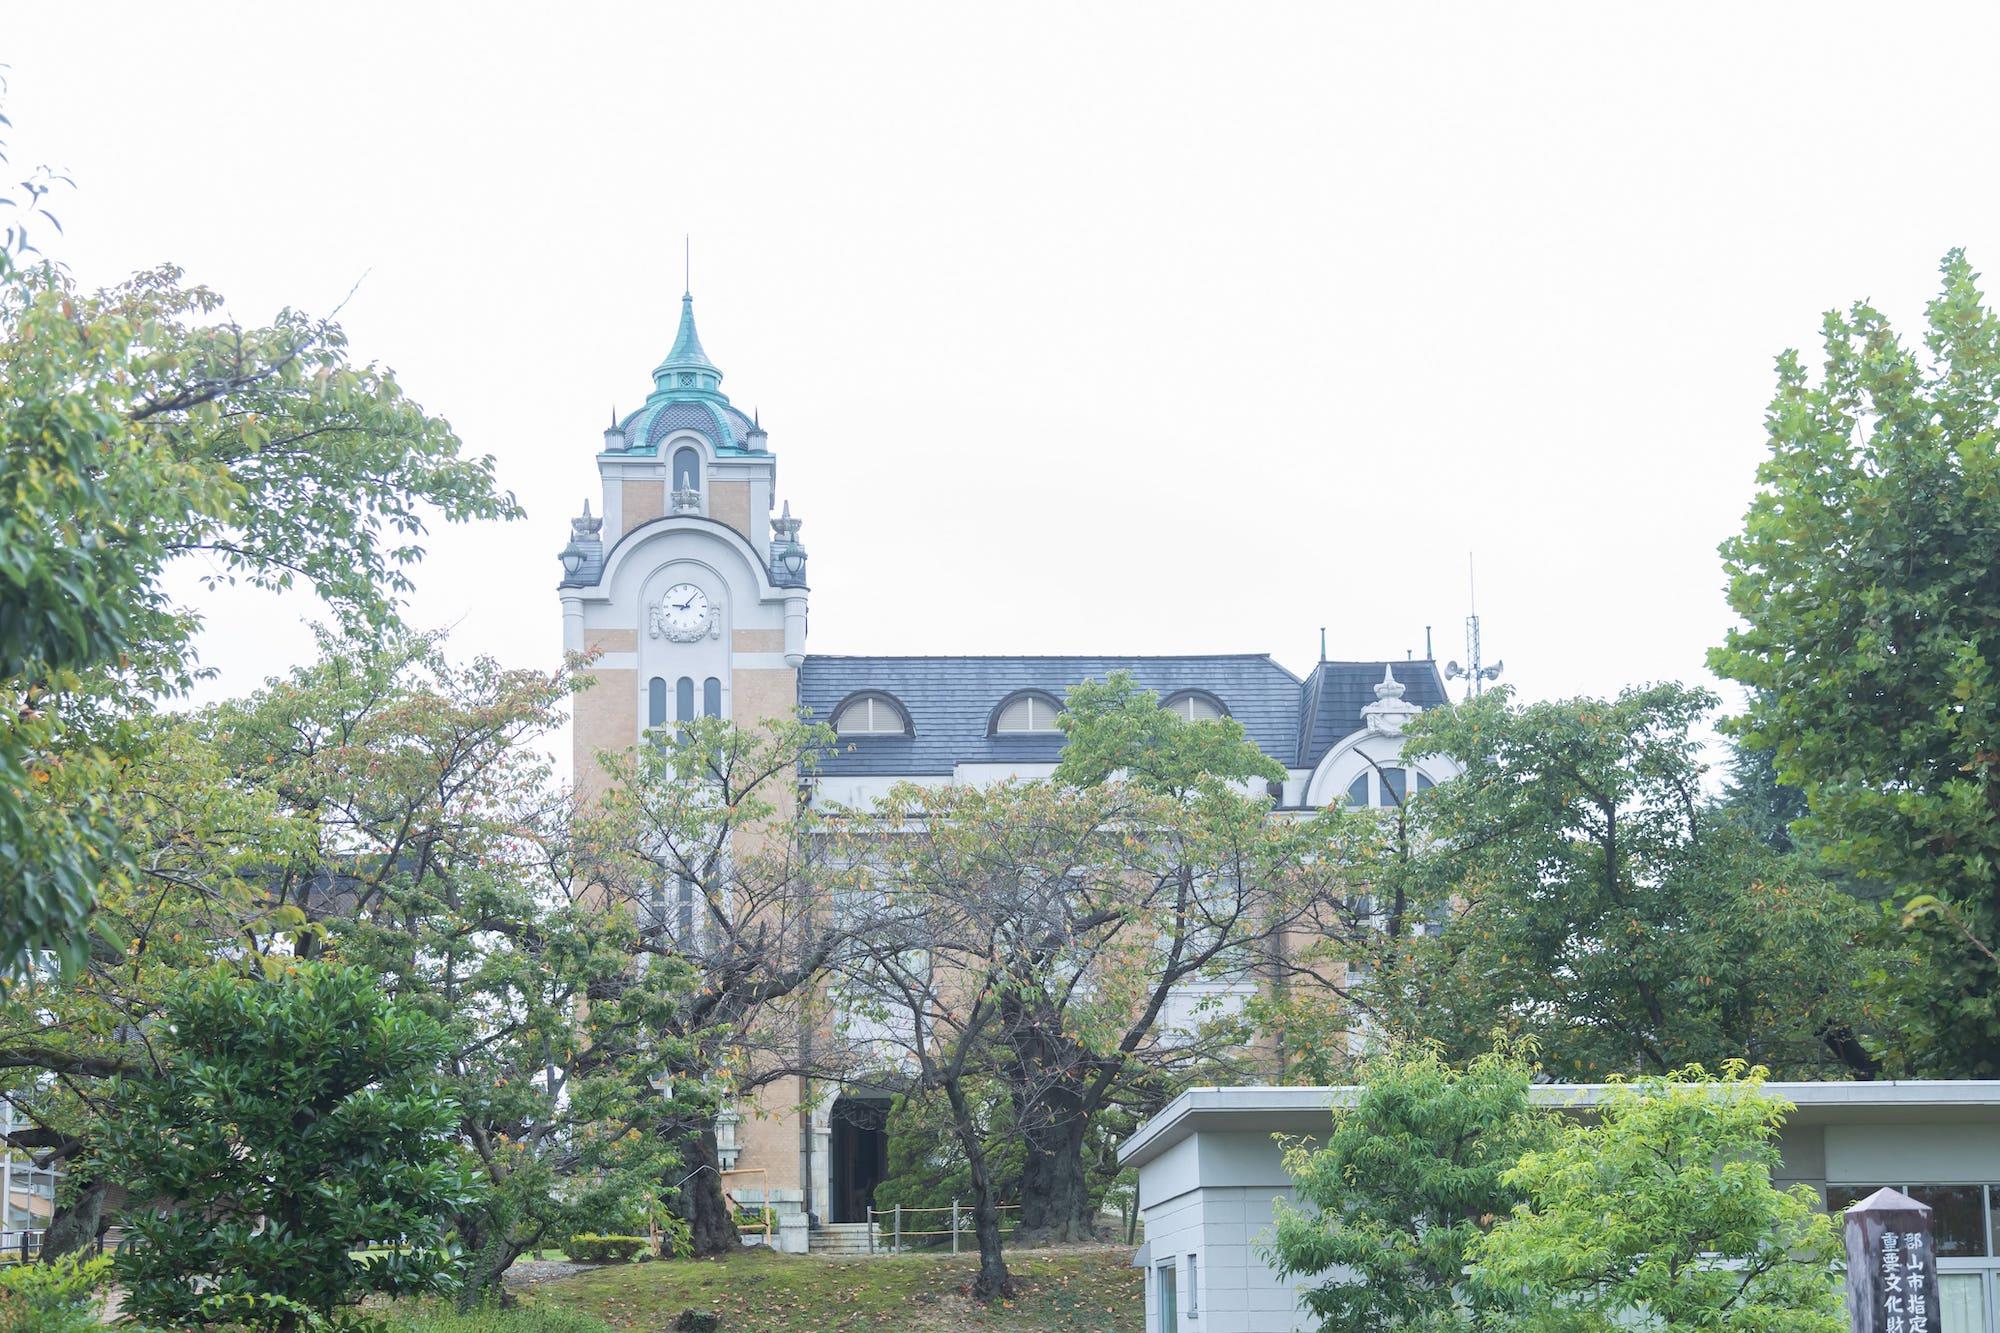 平成16年に改修工事が行われた「郡山市郡山公会堂」。建設当時の風情はそのままにリニューアル。